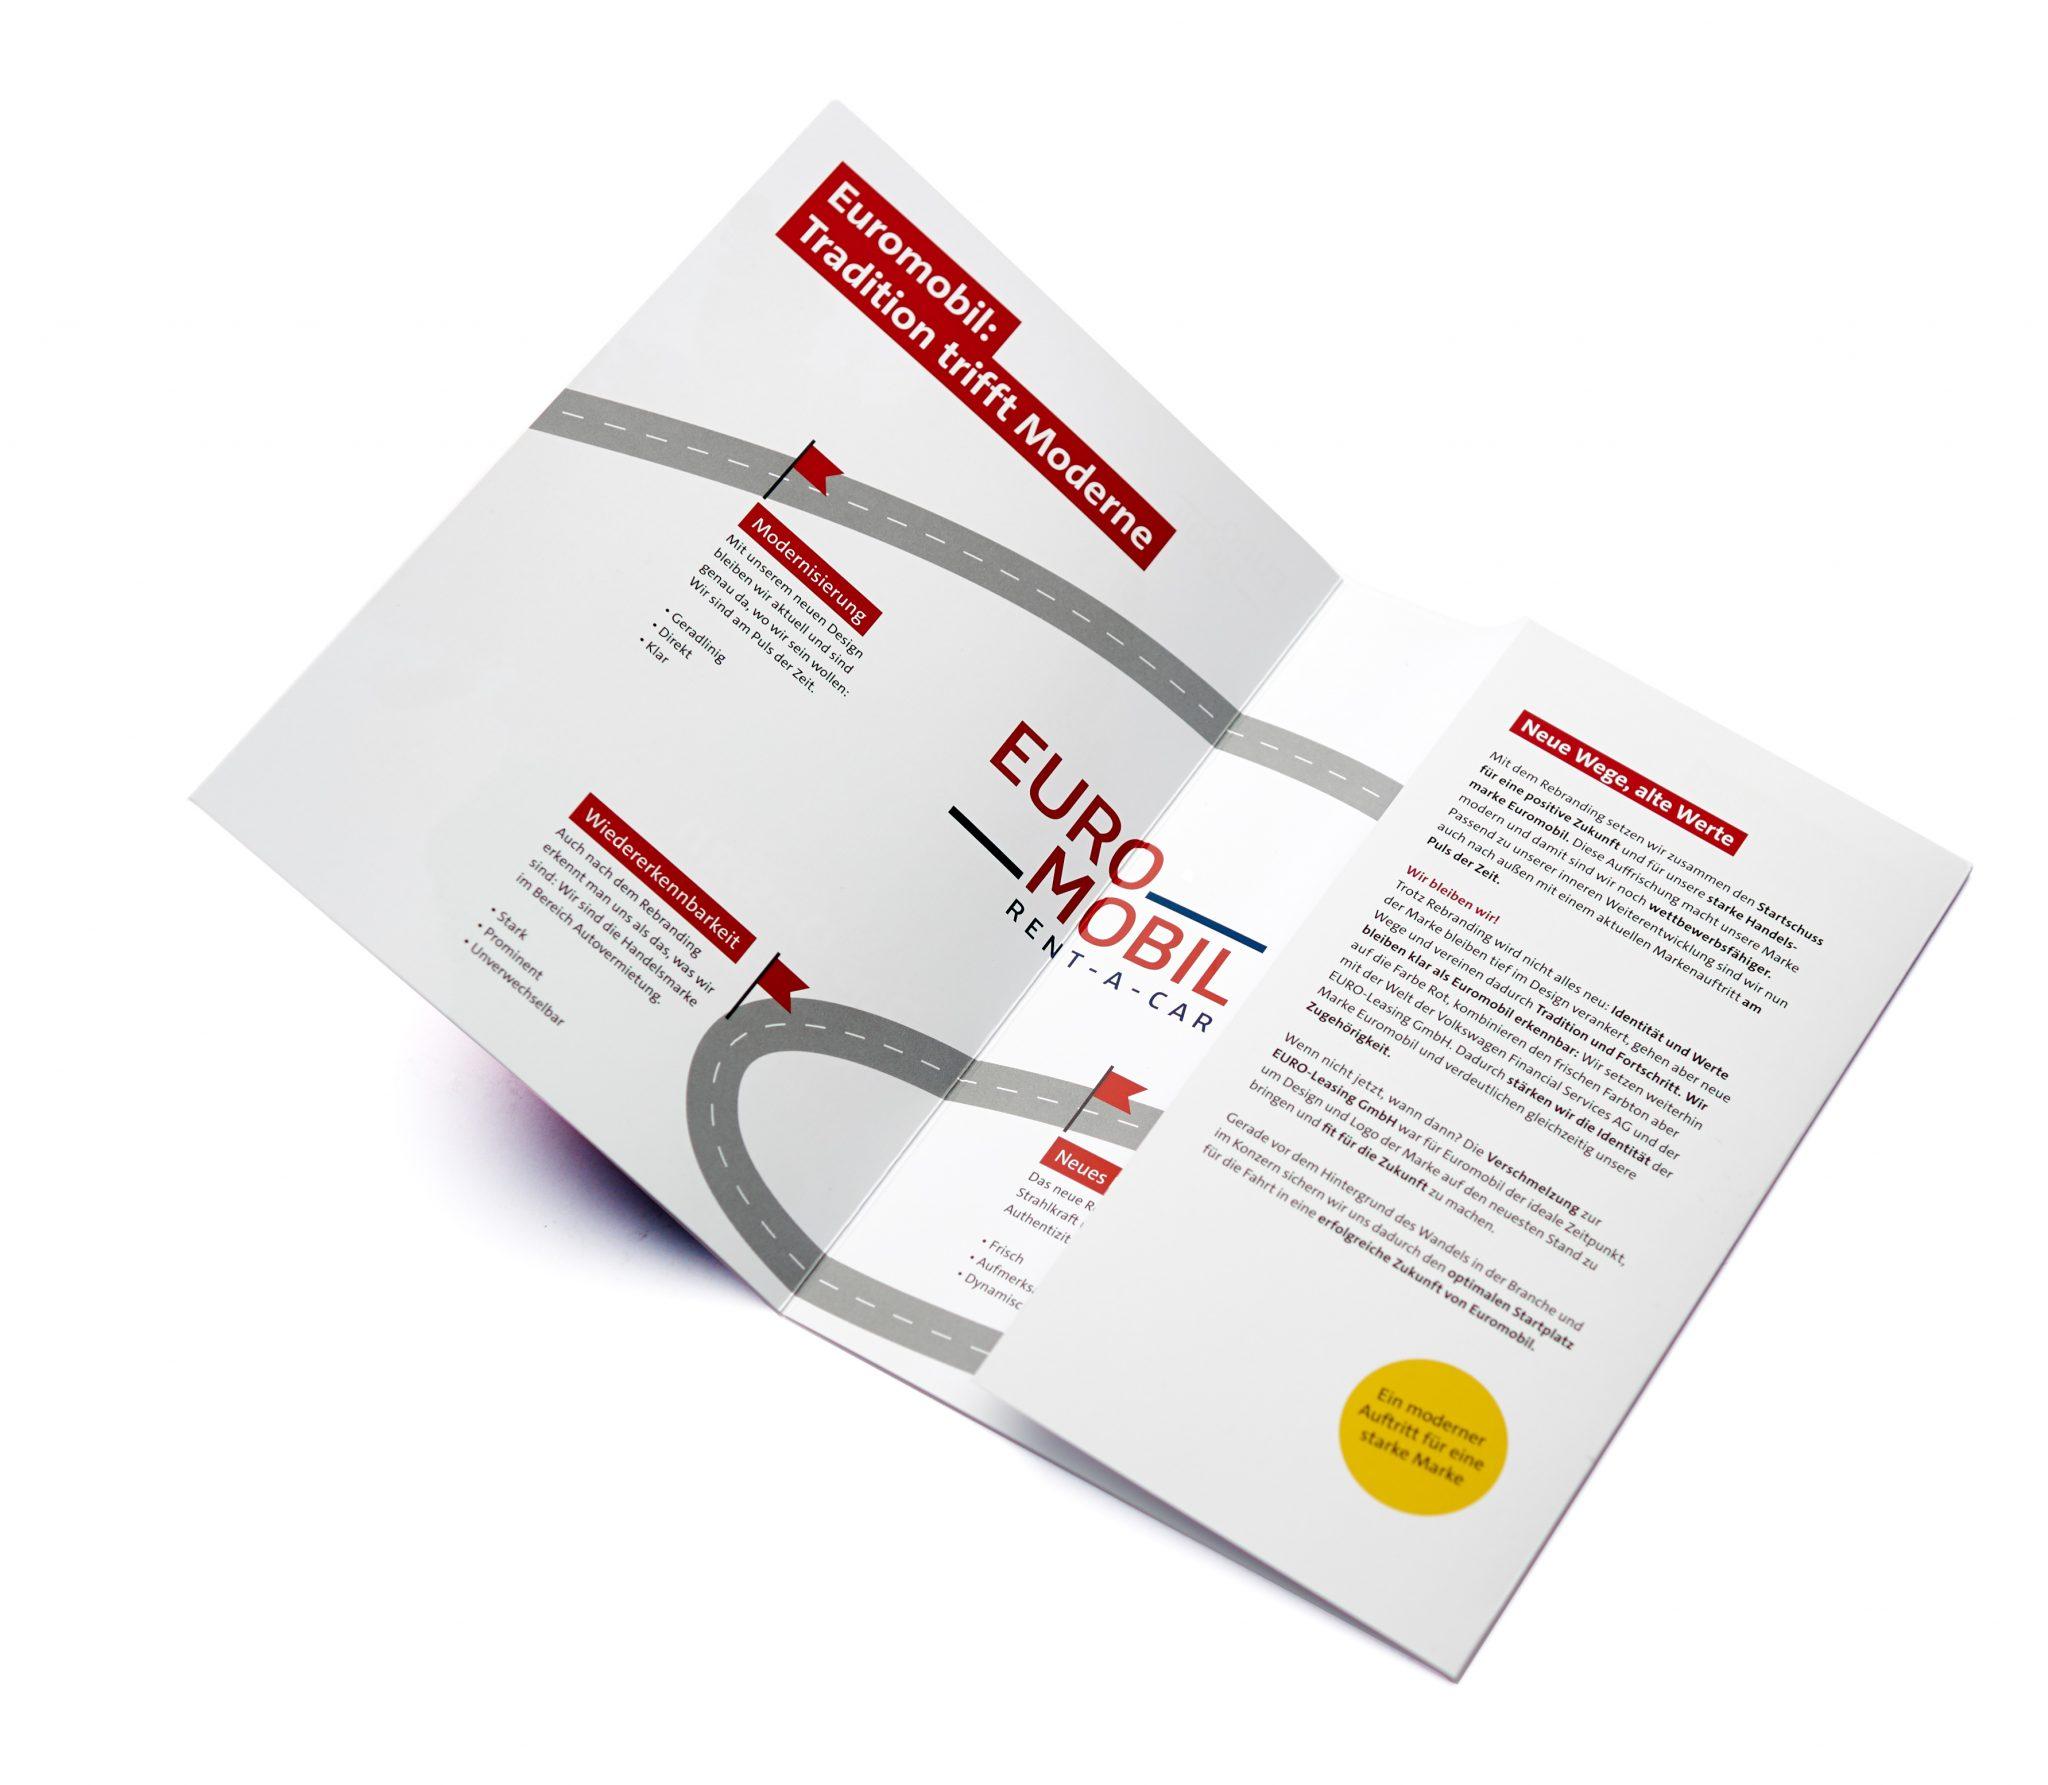 Euromobil Relaunch Markenhandbuch